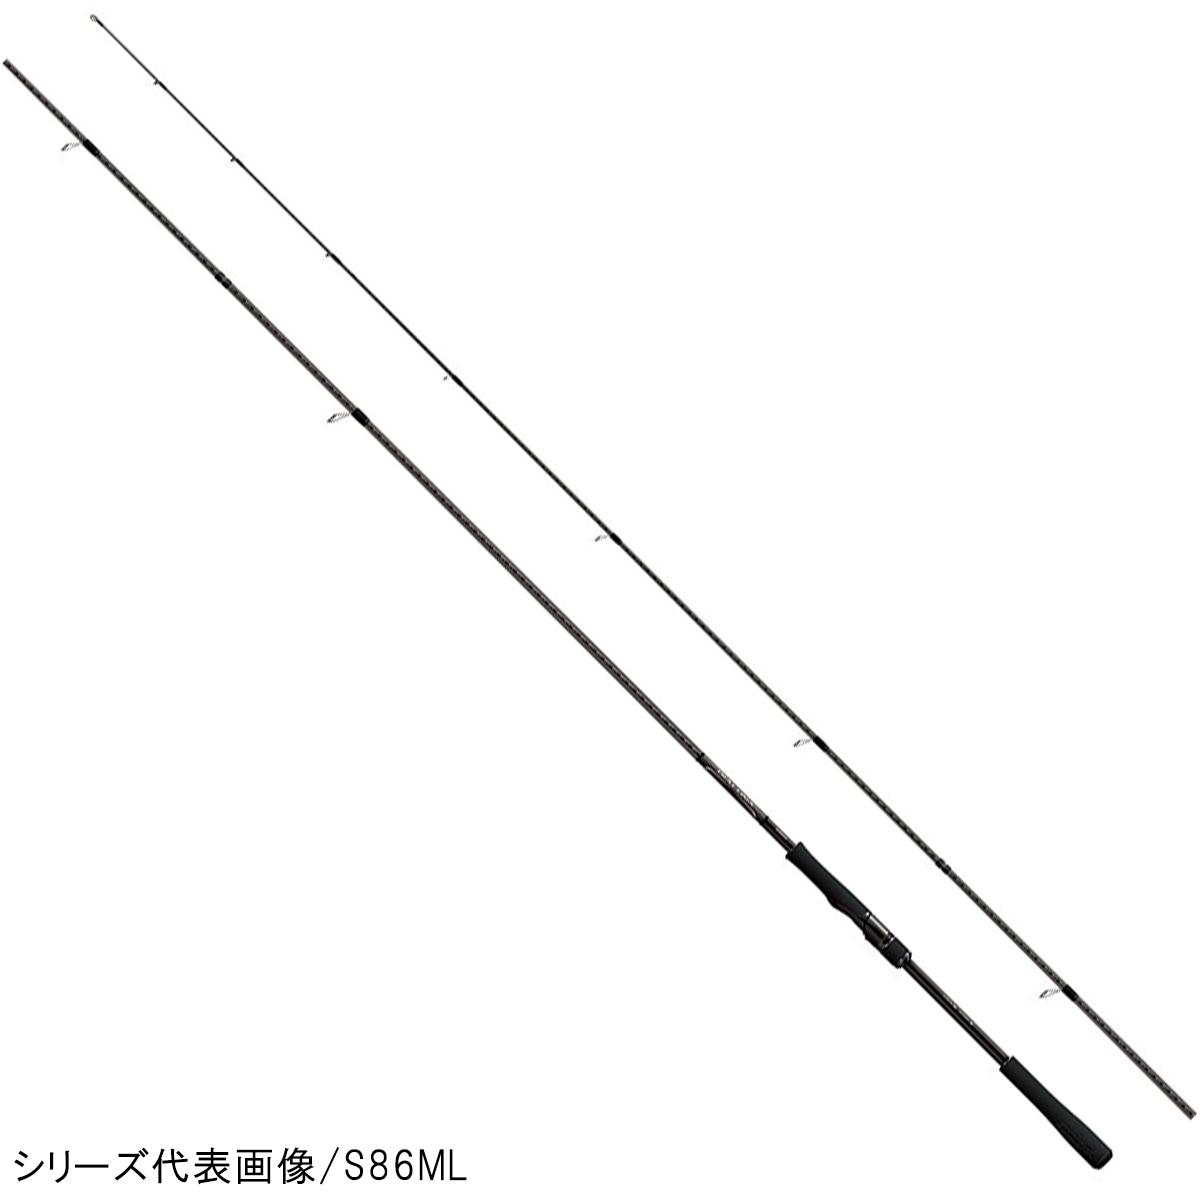 シマノ ディアルーナ (スピニング) S96MH【大型商品】【送料無料】